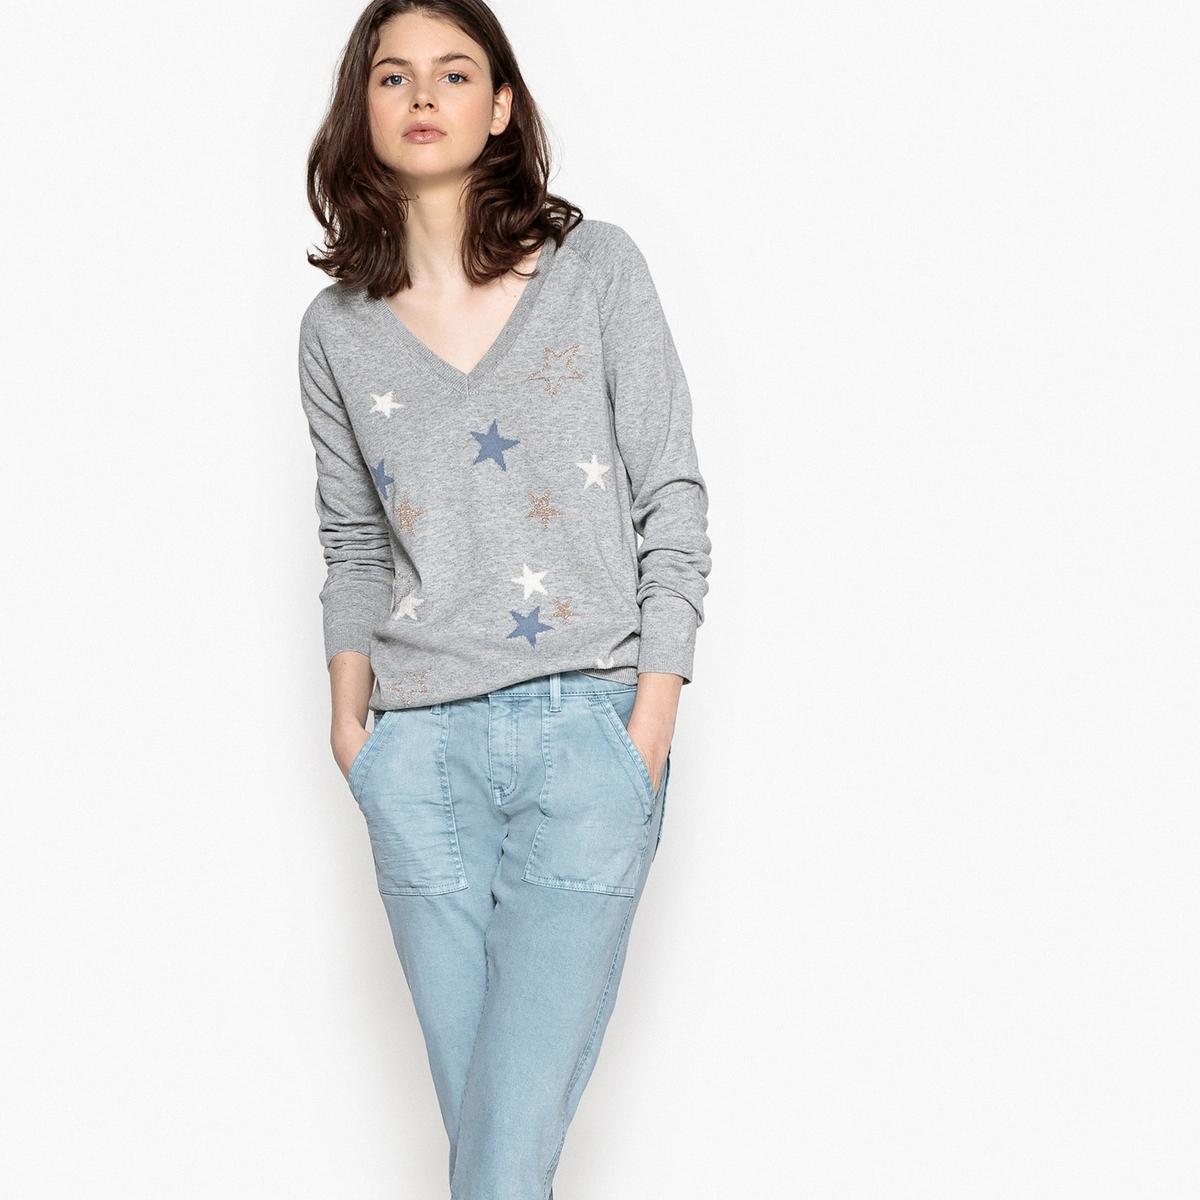 Пуловер с V-образным вырезом MIAZUДетали •  Длинные рукава •   V-образный вырез •  Тонкий трикотаж  •  Графичный рисунокСостав и уход •  100 % хлопок •  Следуйте советам по уходу, указанным на этикетке<br><br>Цвет: серый